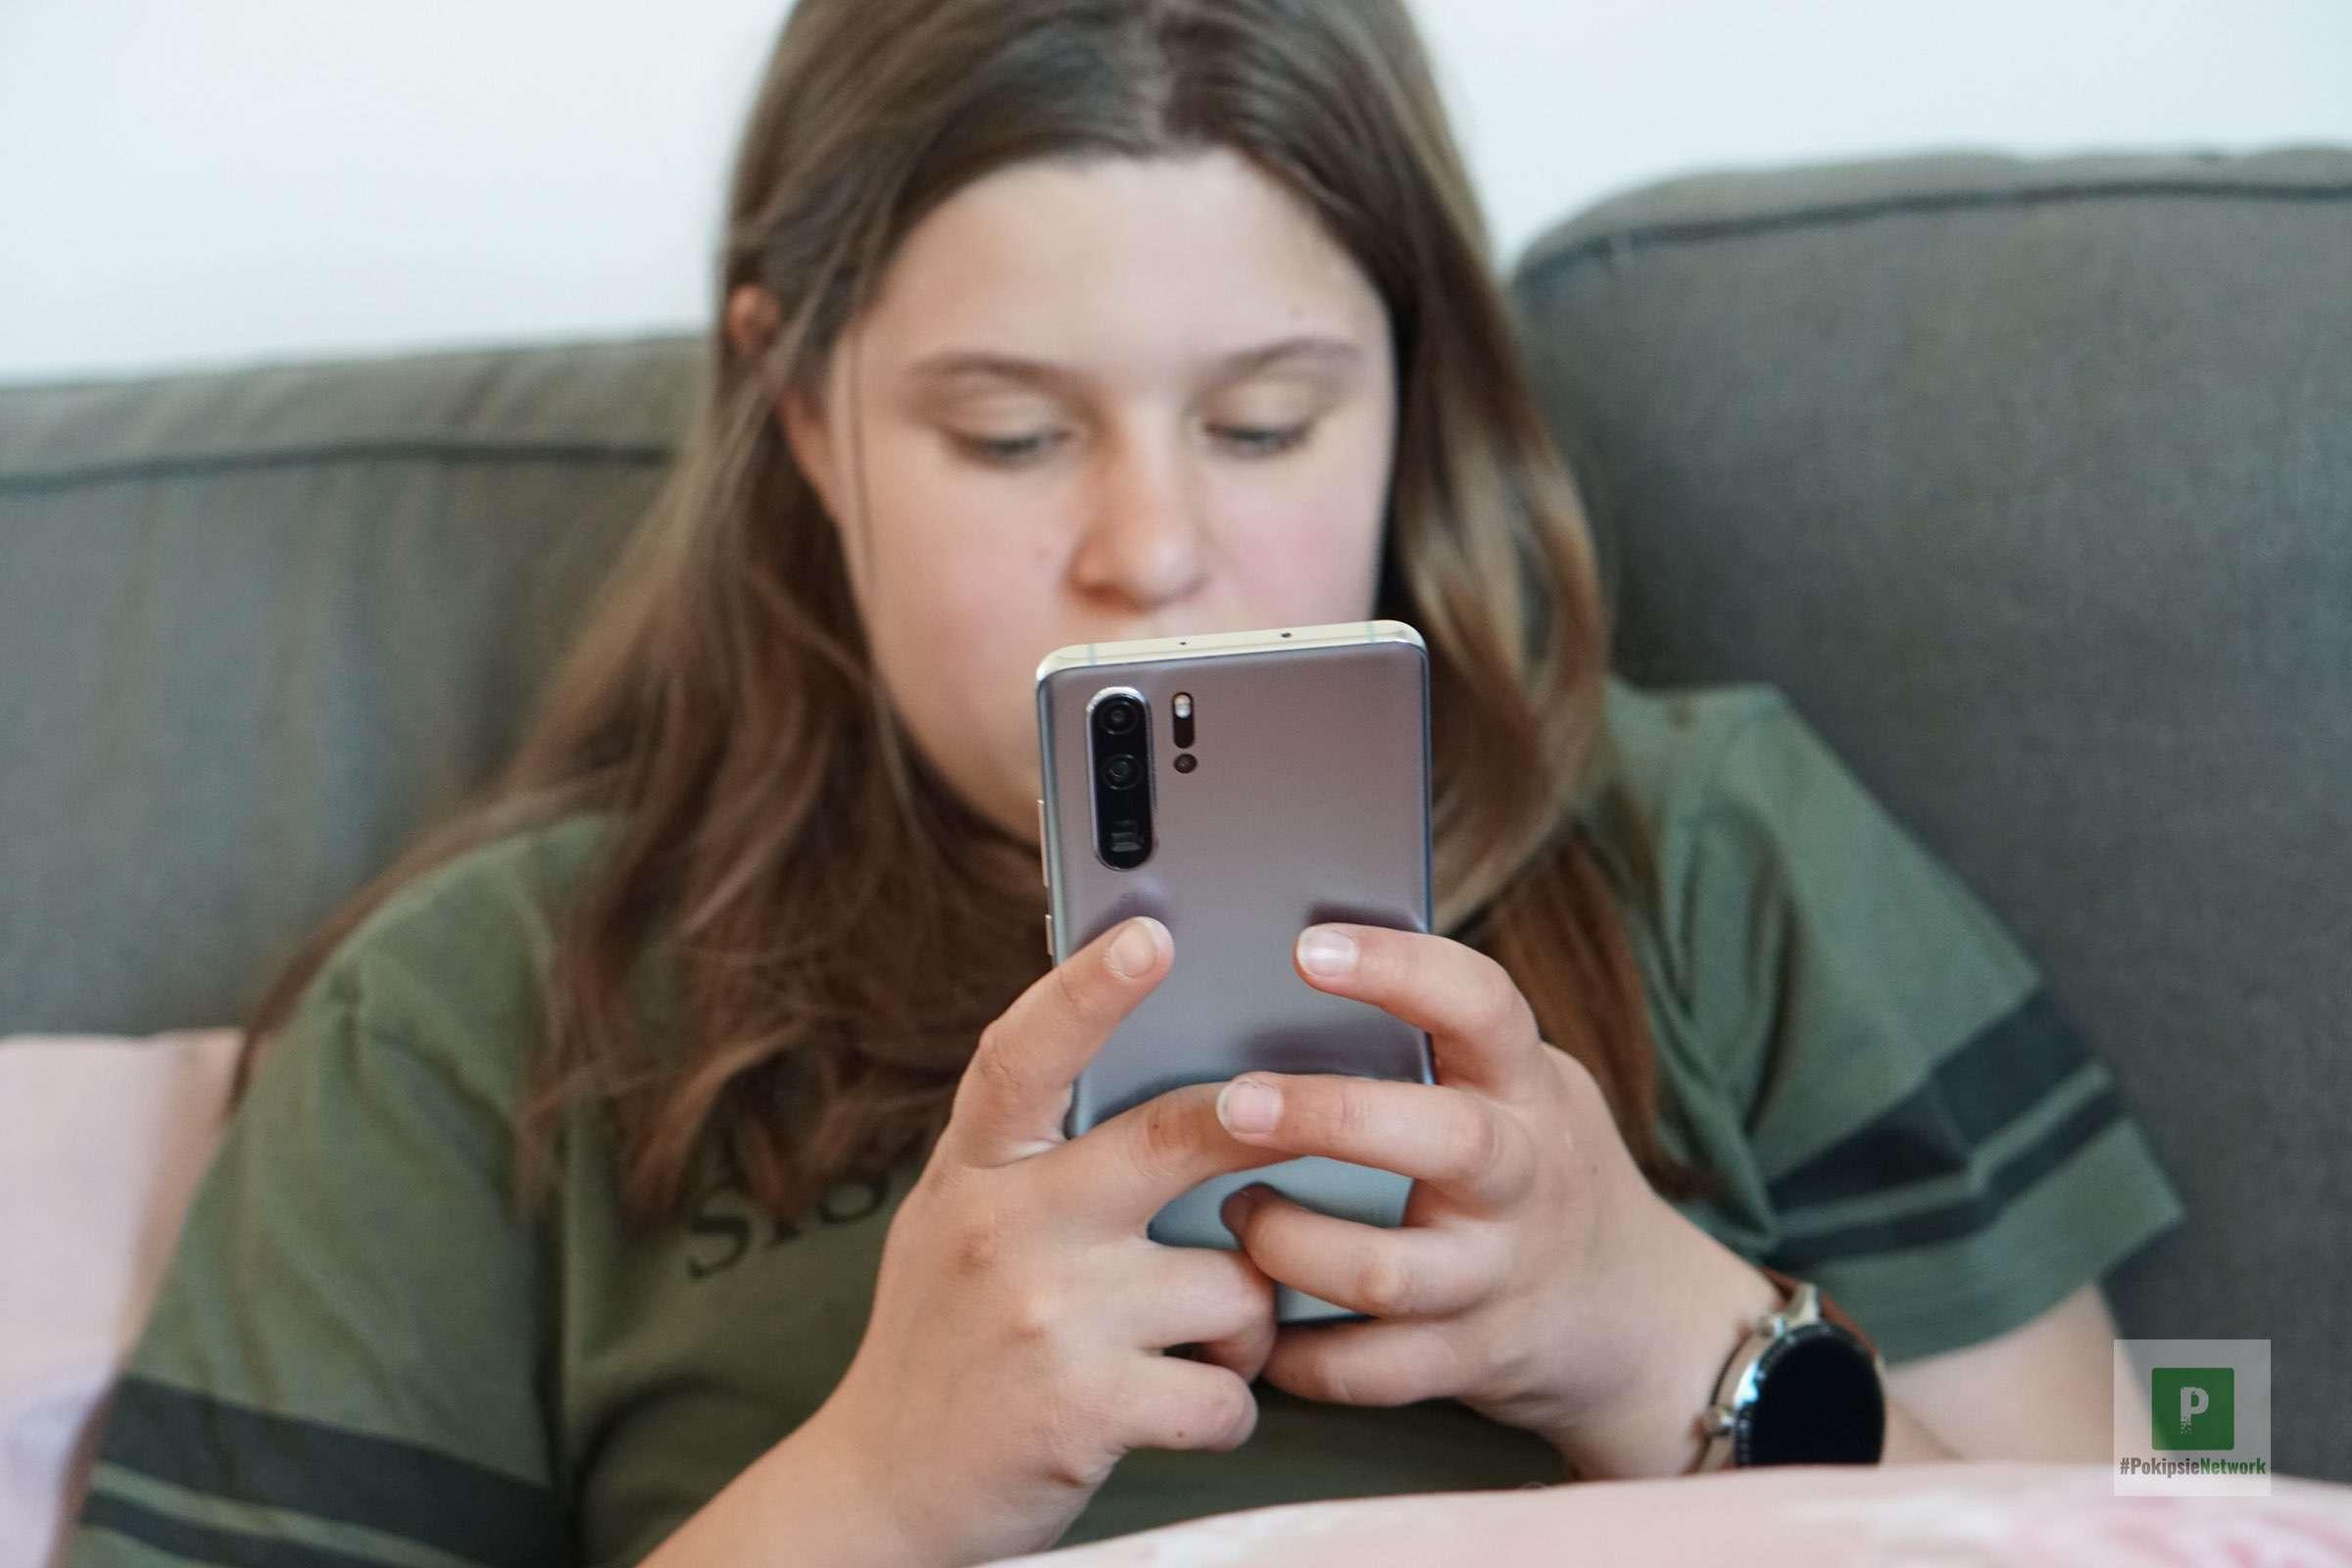 Liebe Eltern, achtet auf die Mitteilungseinstellungen am Smartphone eurer Kinder